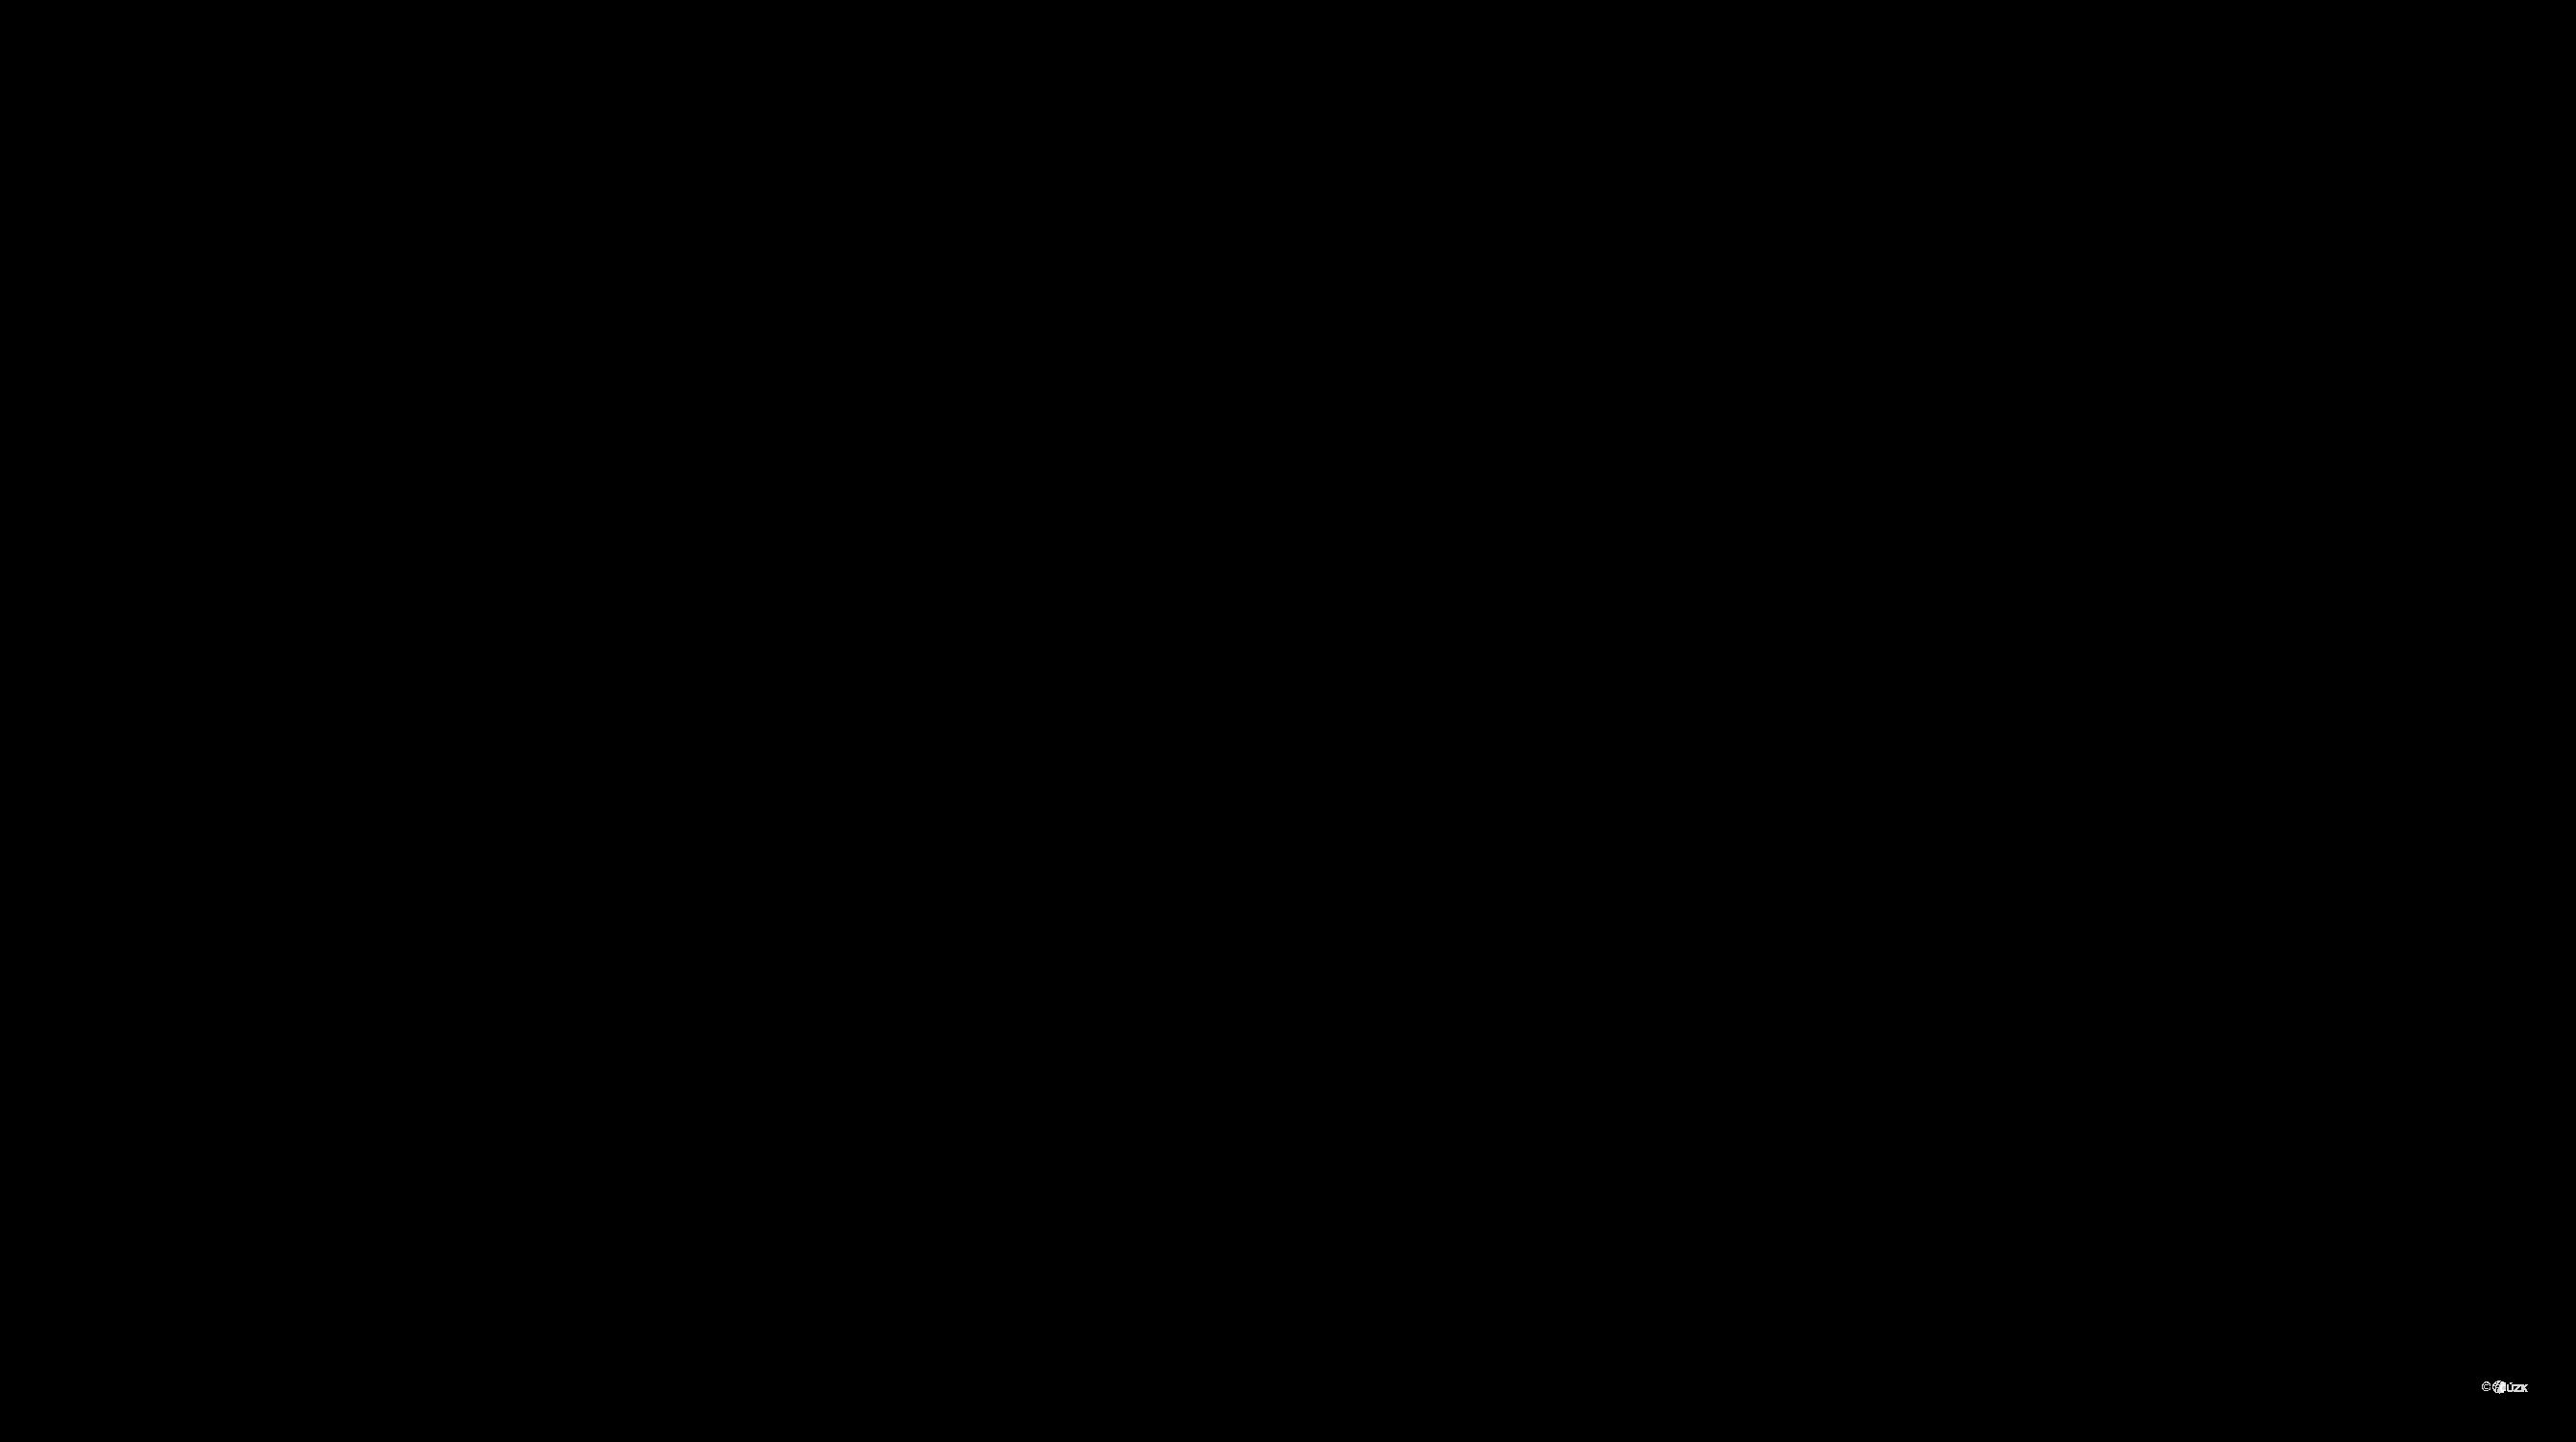 Katastrální mapa pozemků a čísla parcel Nítovice